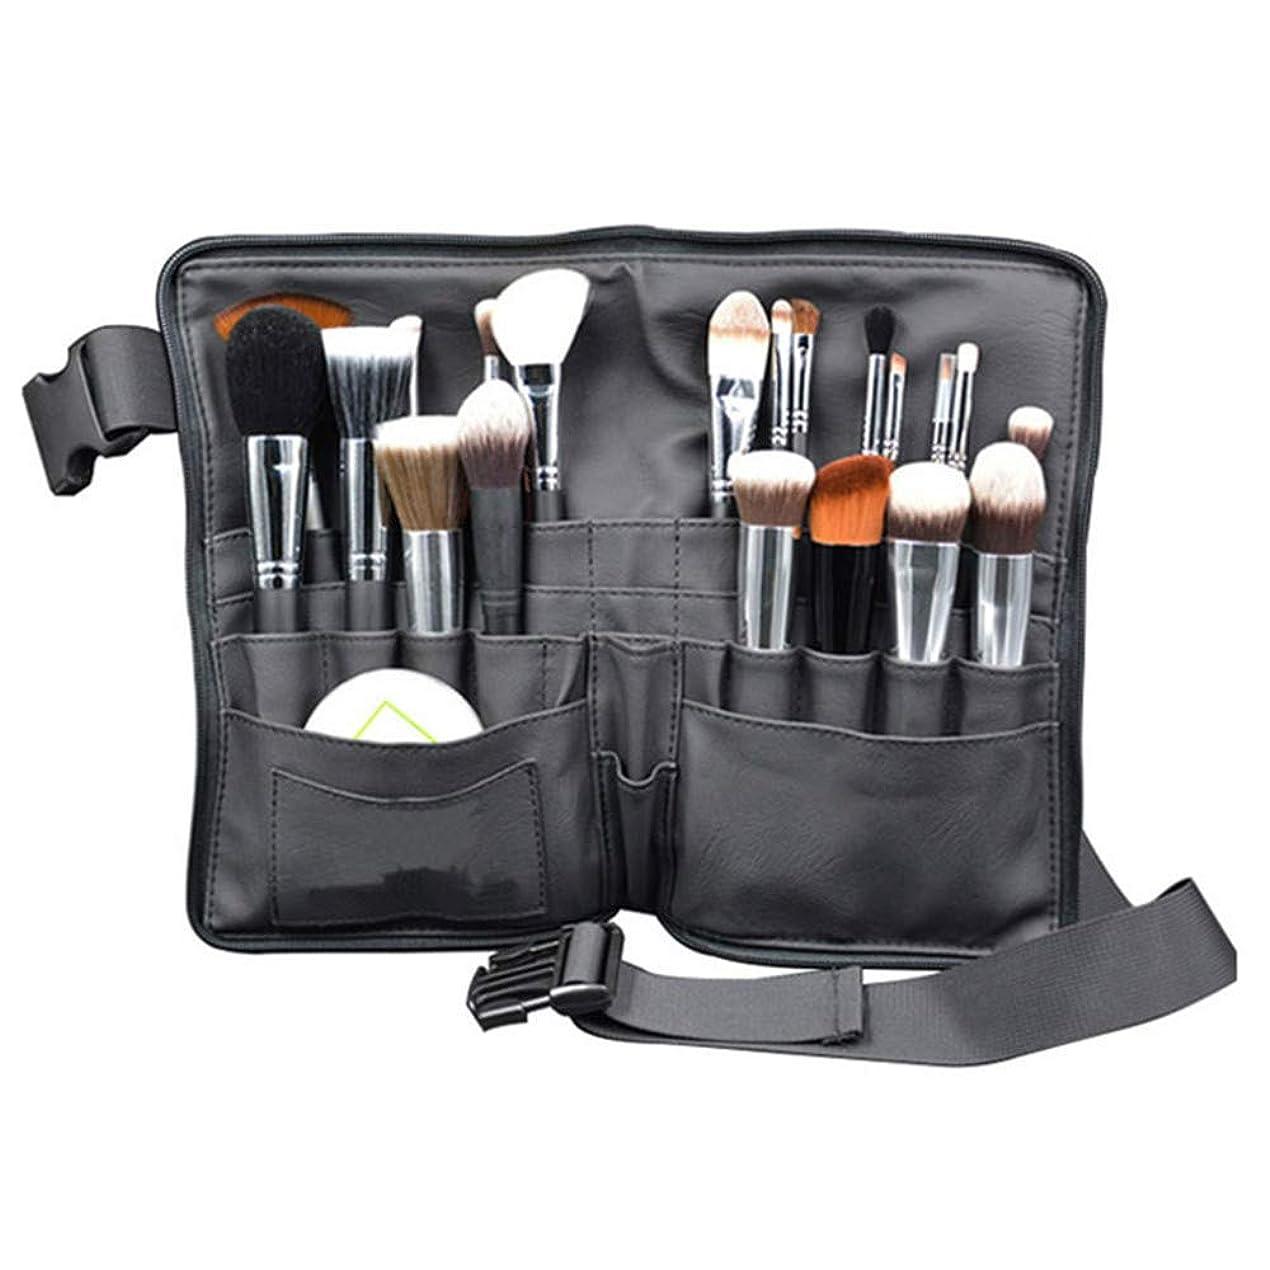 納税者分類するジャグリングメイクブラシバッグ Akane プロ 化粧師 専用 ウエストポーチ 超大容量 全収納 便利 防水 収納 舞台 ブラック 化粧バッグ